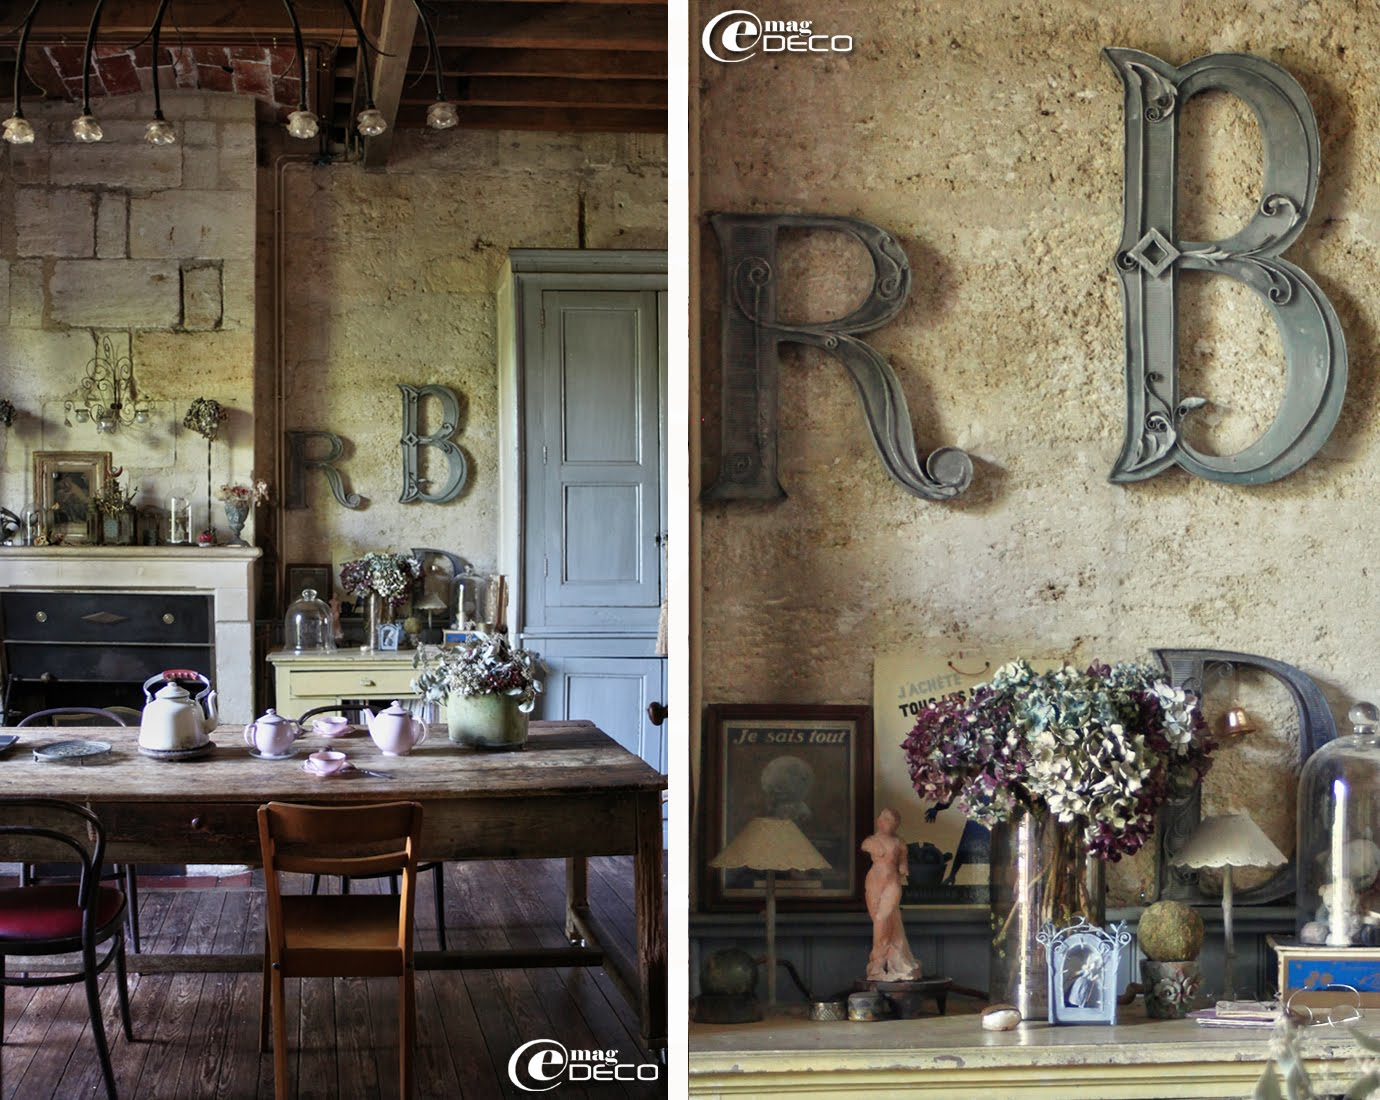 Lettres en carton accrochées au mur de la salle à manger chez Miss Clara